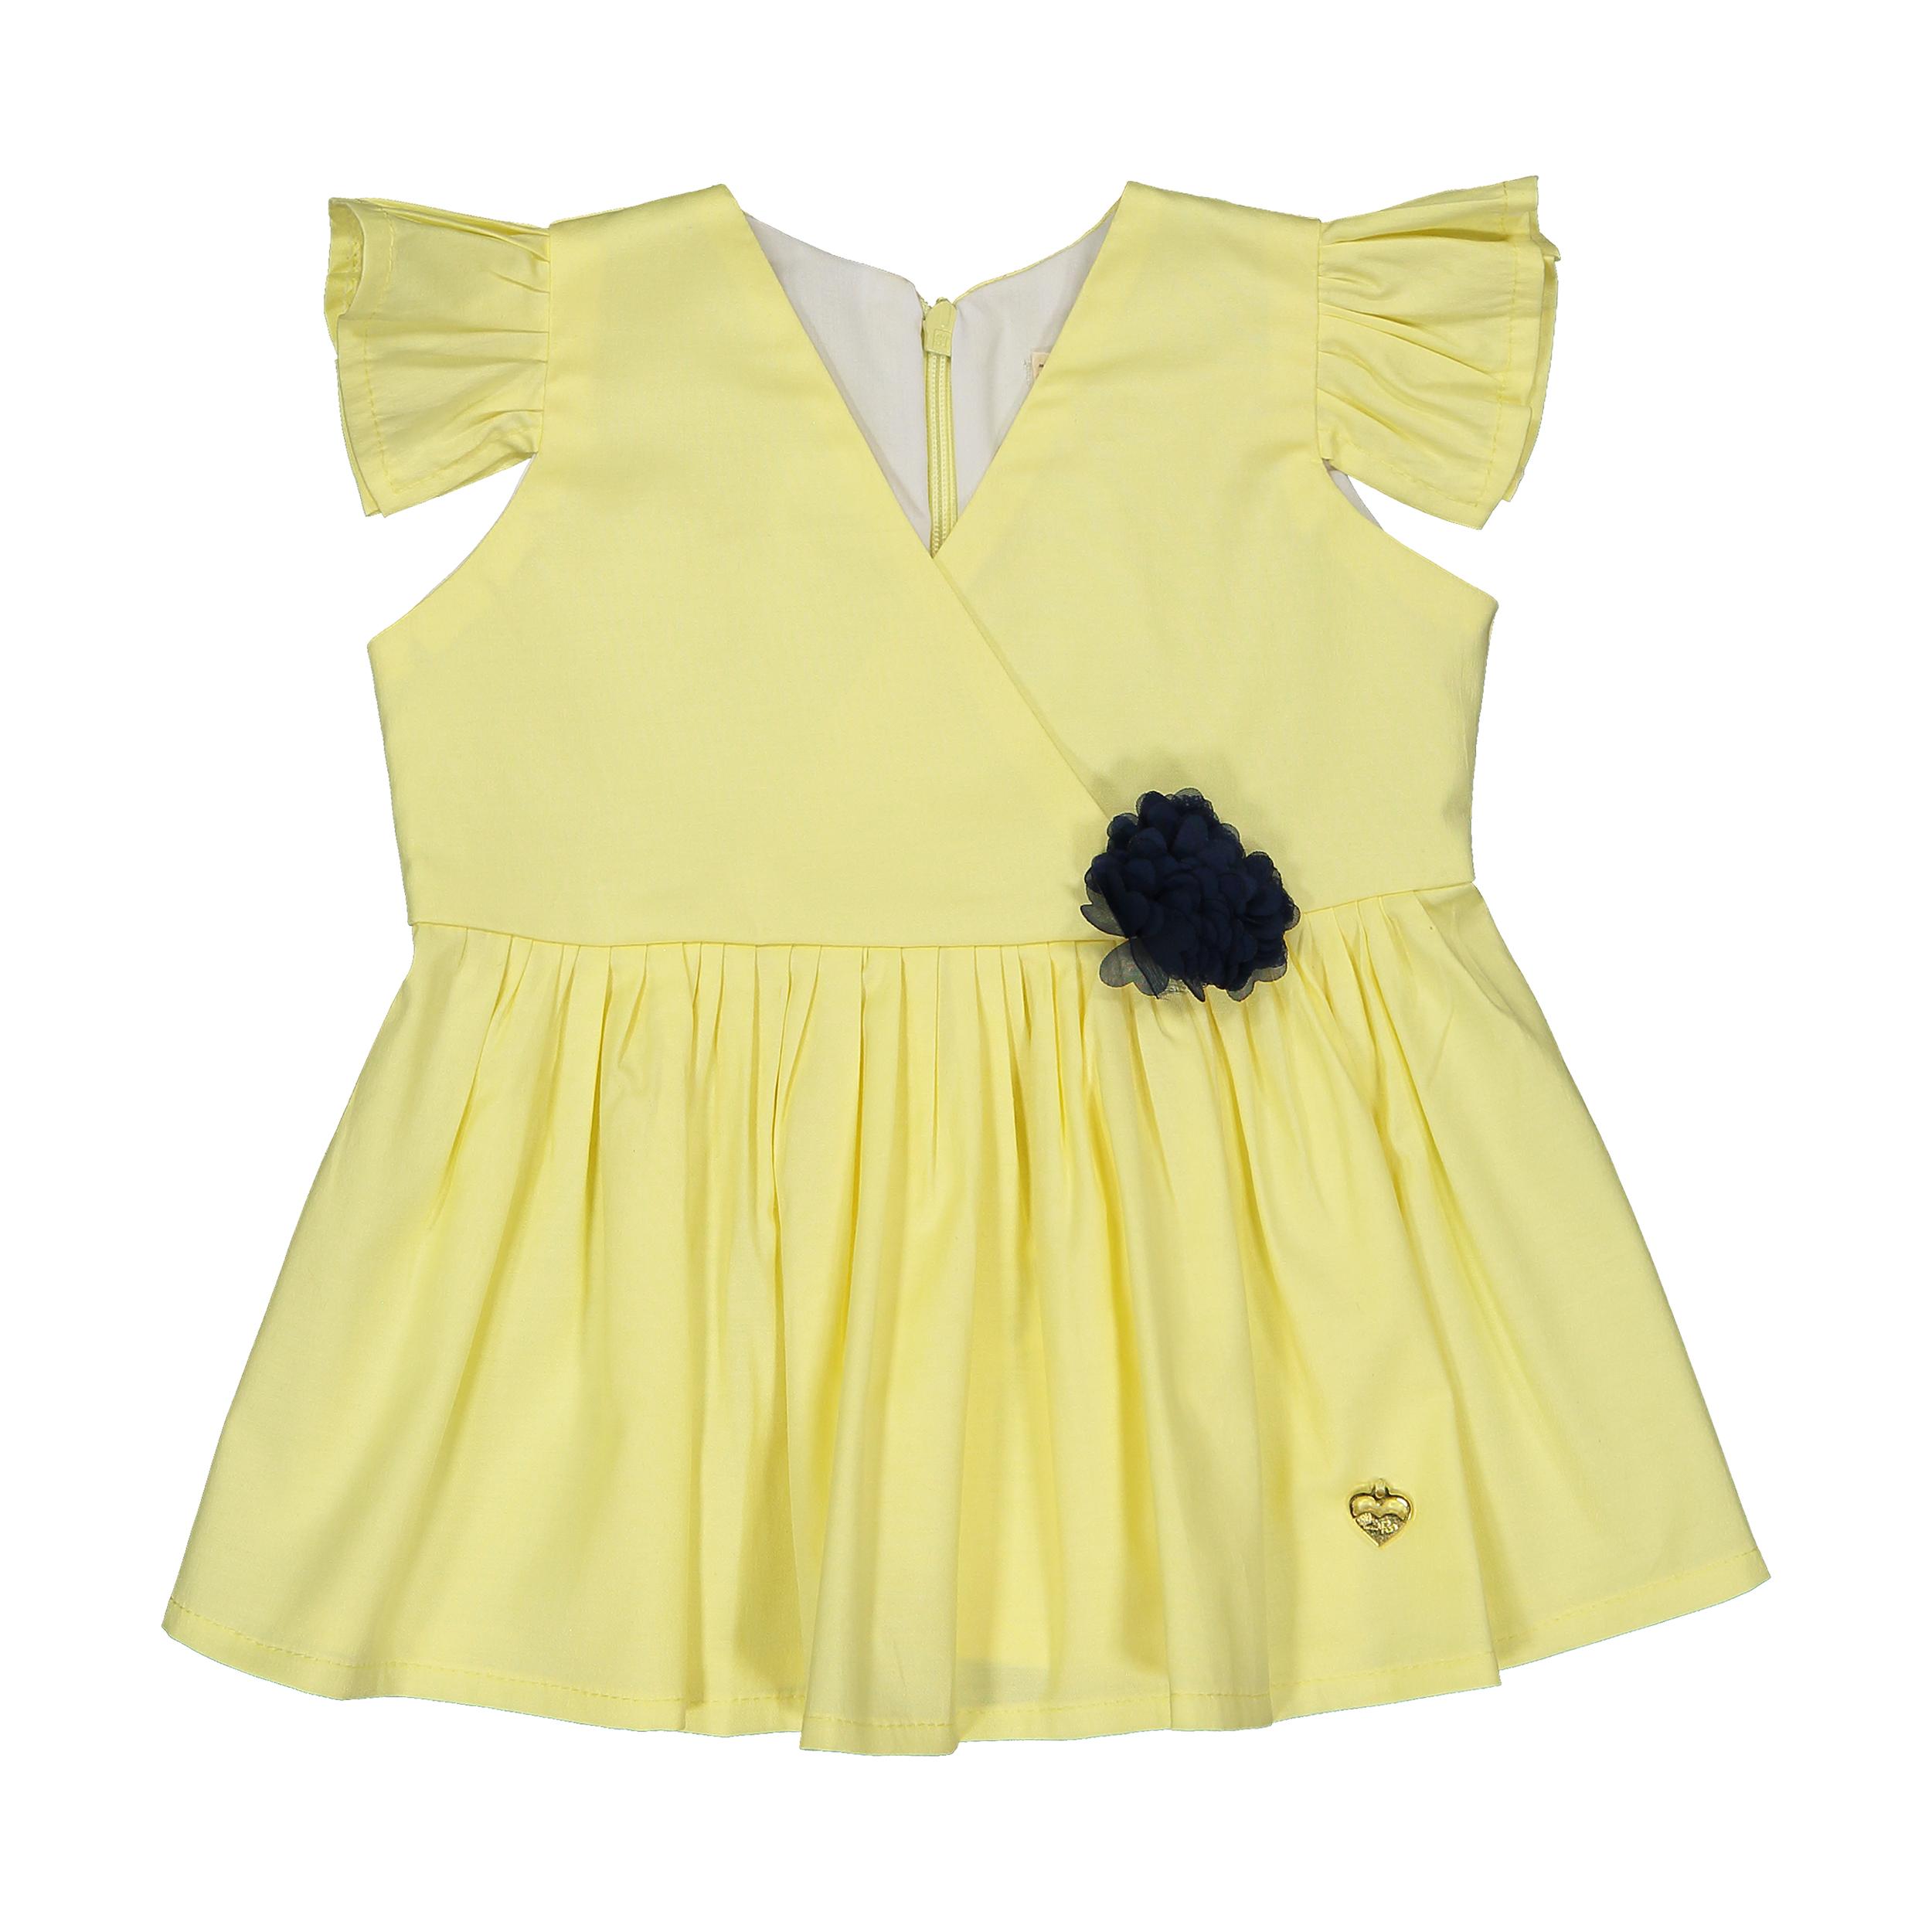 پیراهن نوزادی دخترانه مهرک مدل 1381130-1100